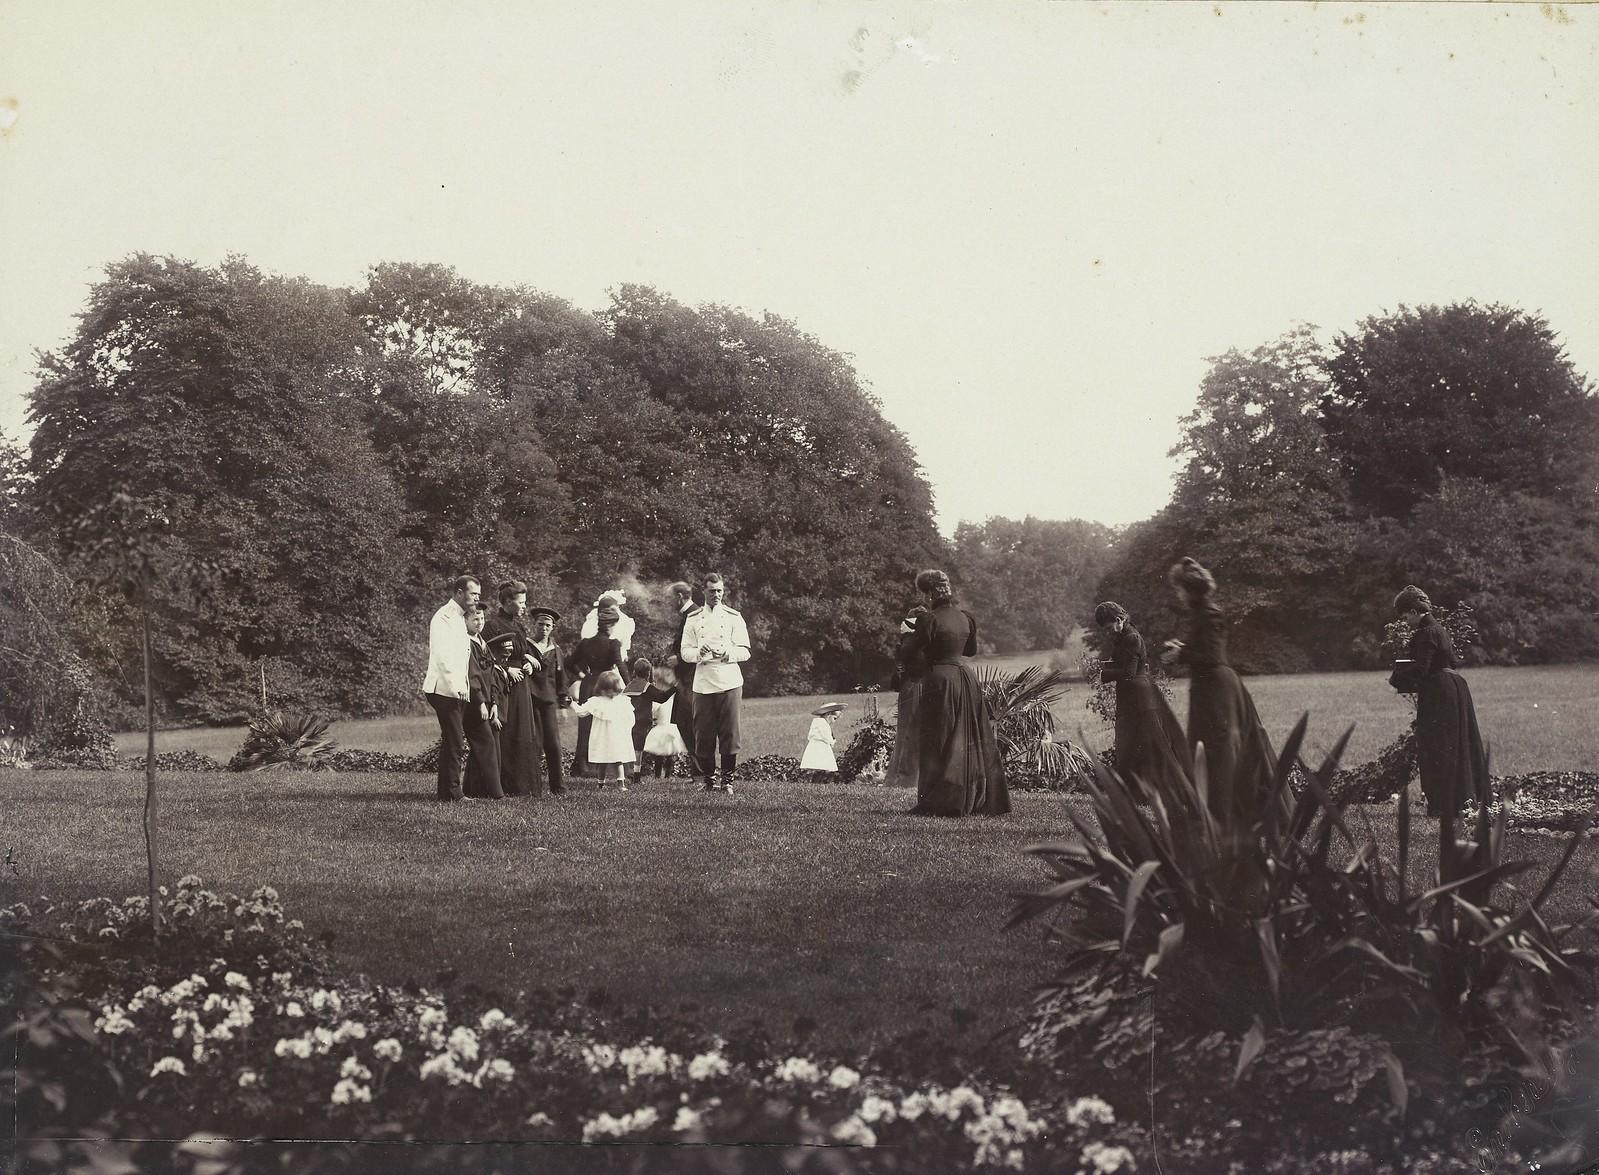 1899. Николай II и члены Императорской фамилии в Англии. Сентябрь